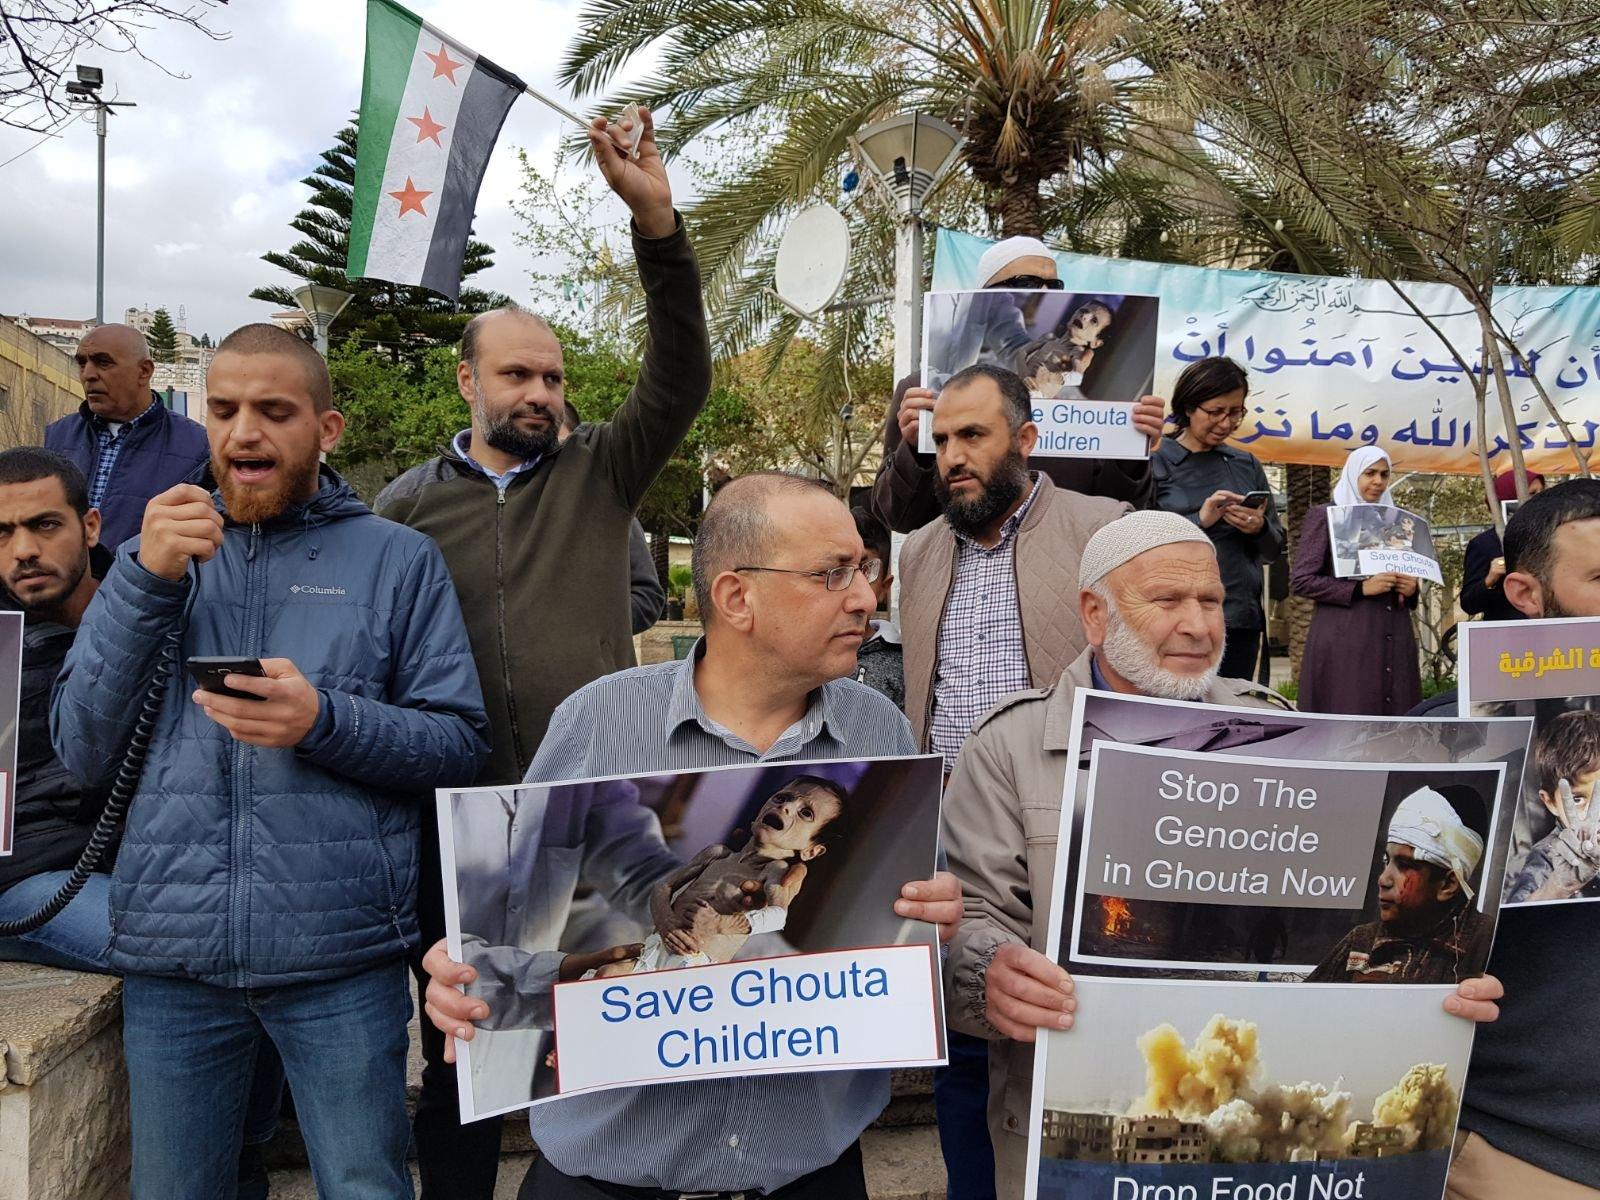 الوفاء والإصلاح: 'أوقفوا شلال الدم والدمار في الغوطة'